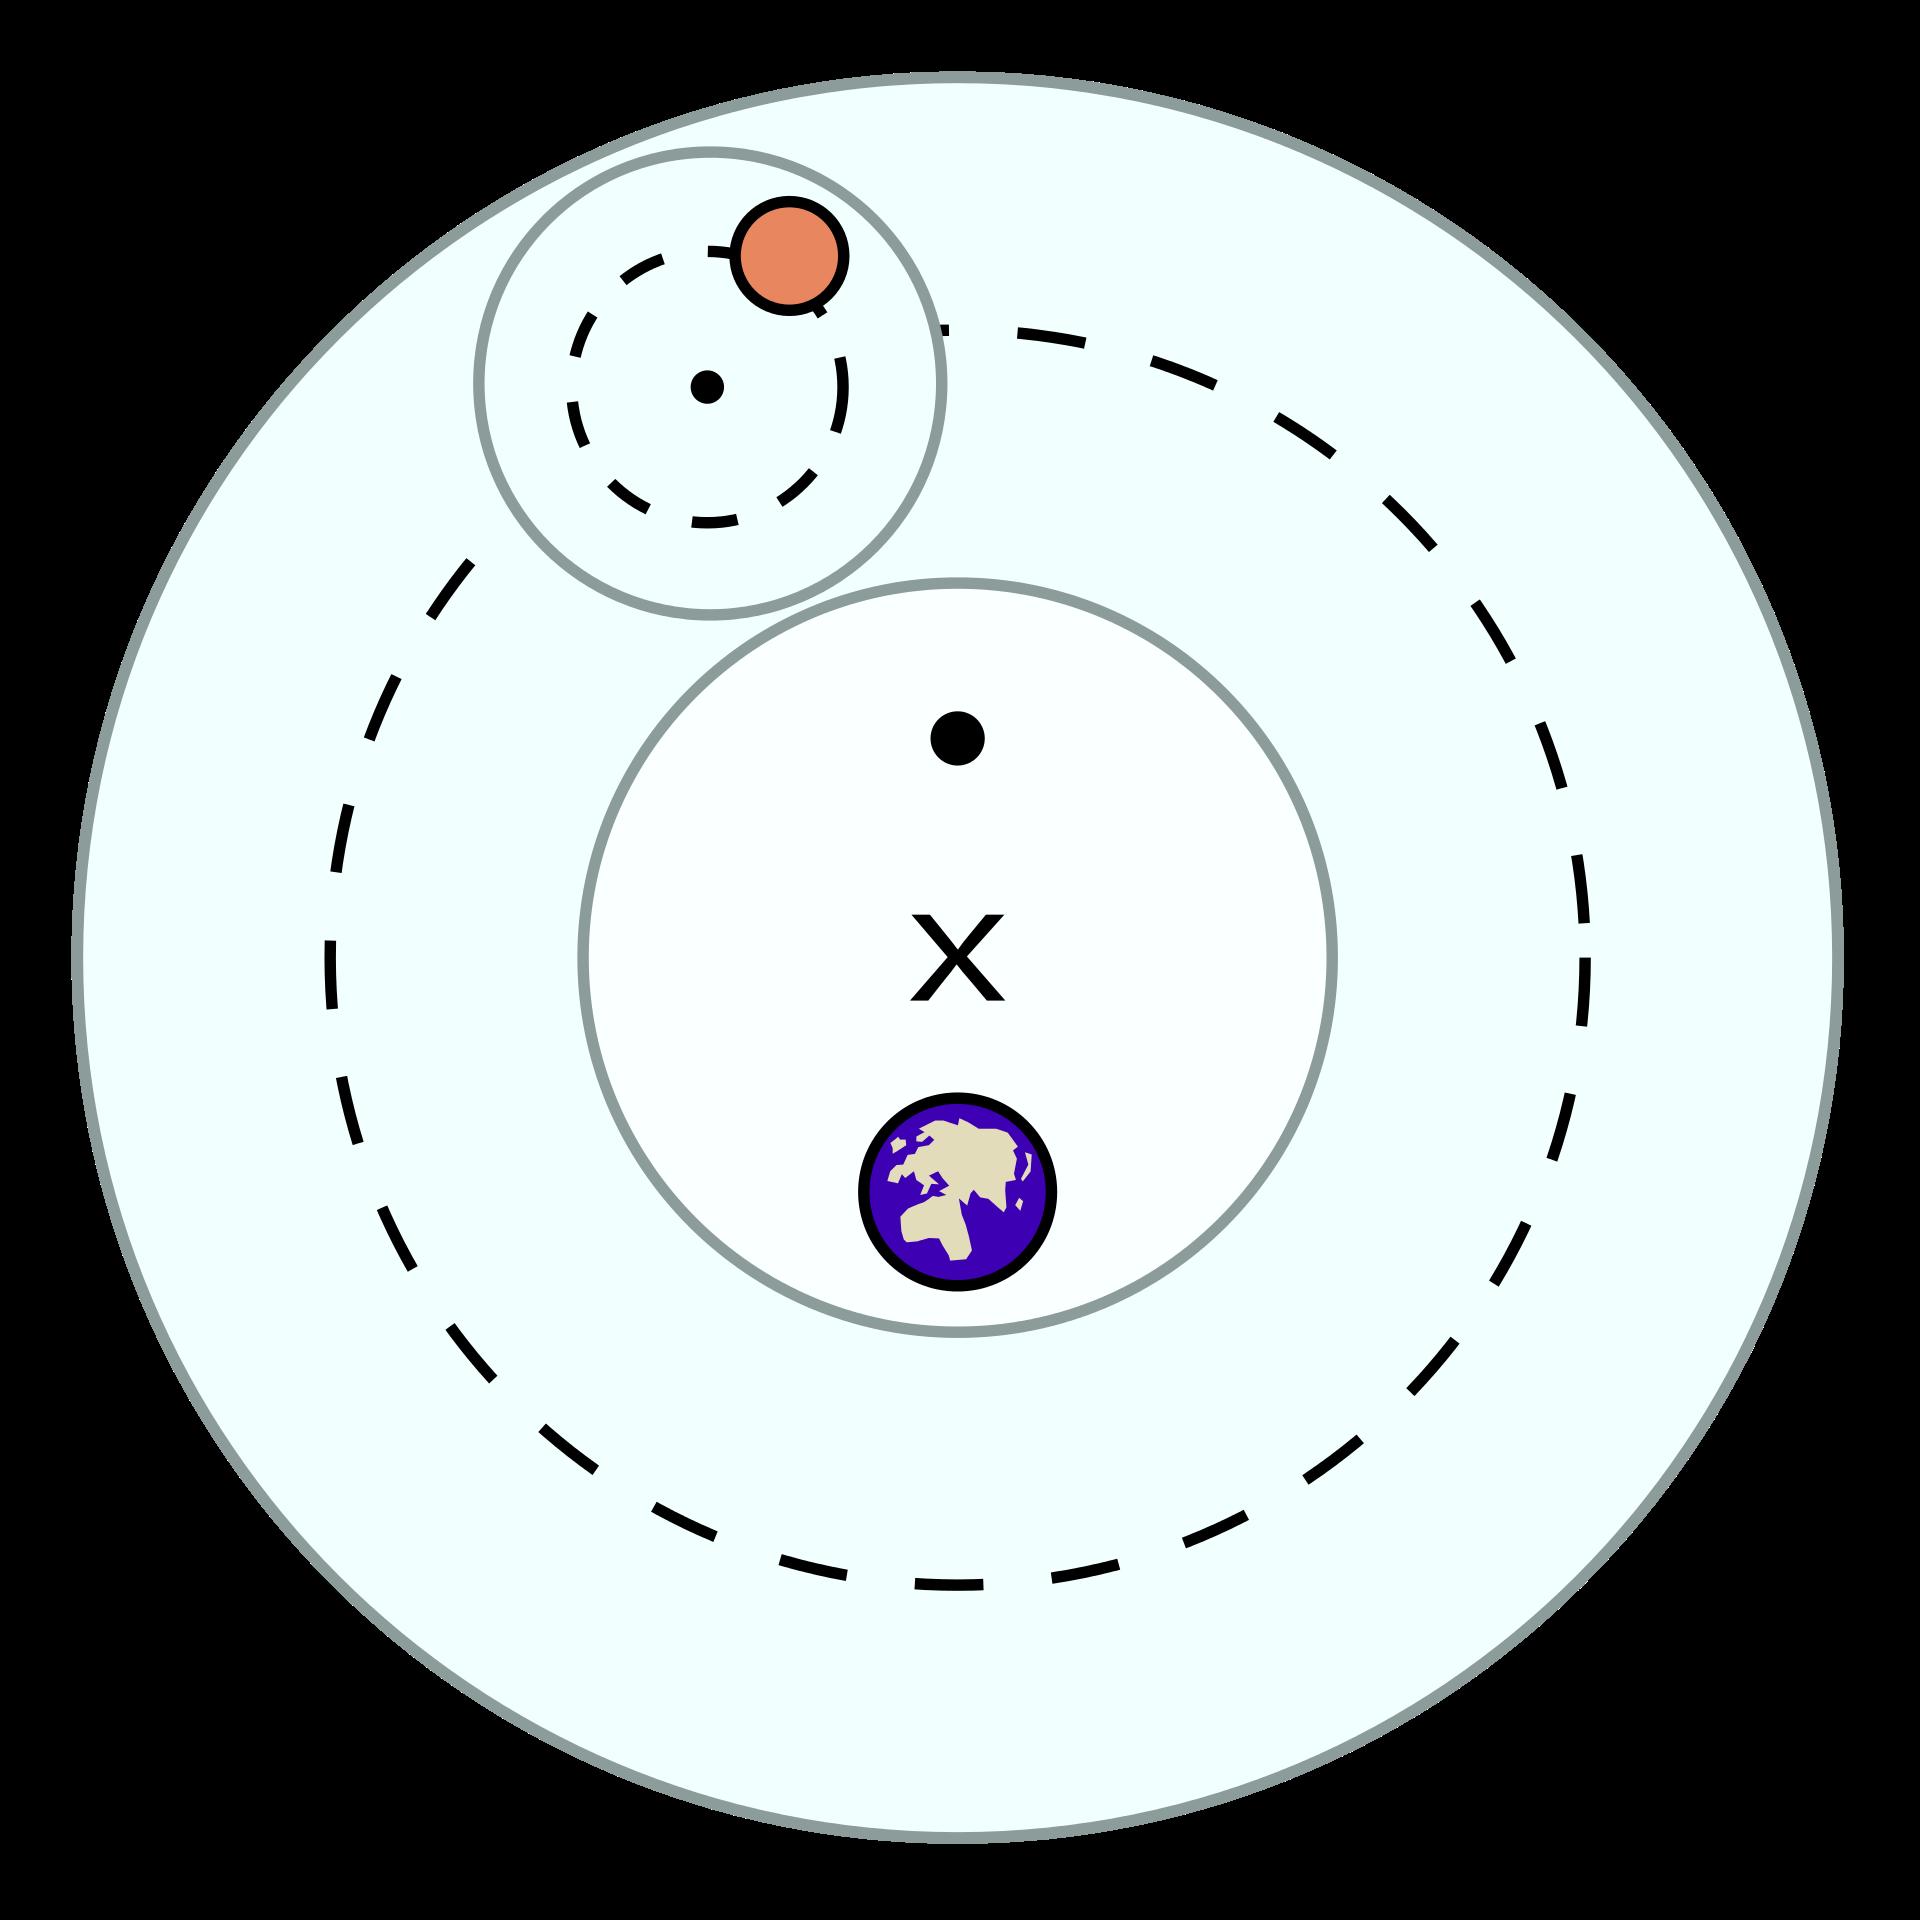 地心说诞生史:历时7个世纪,统治欧洲天文学近1500年